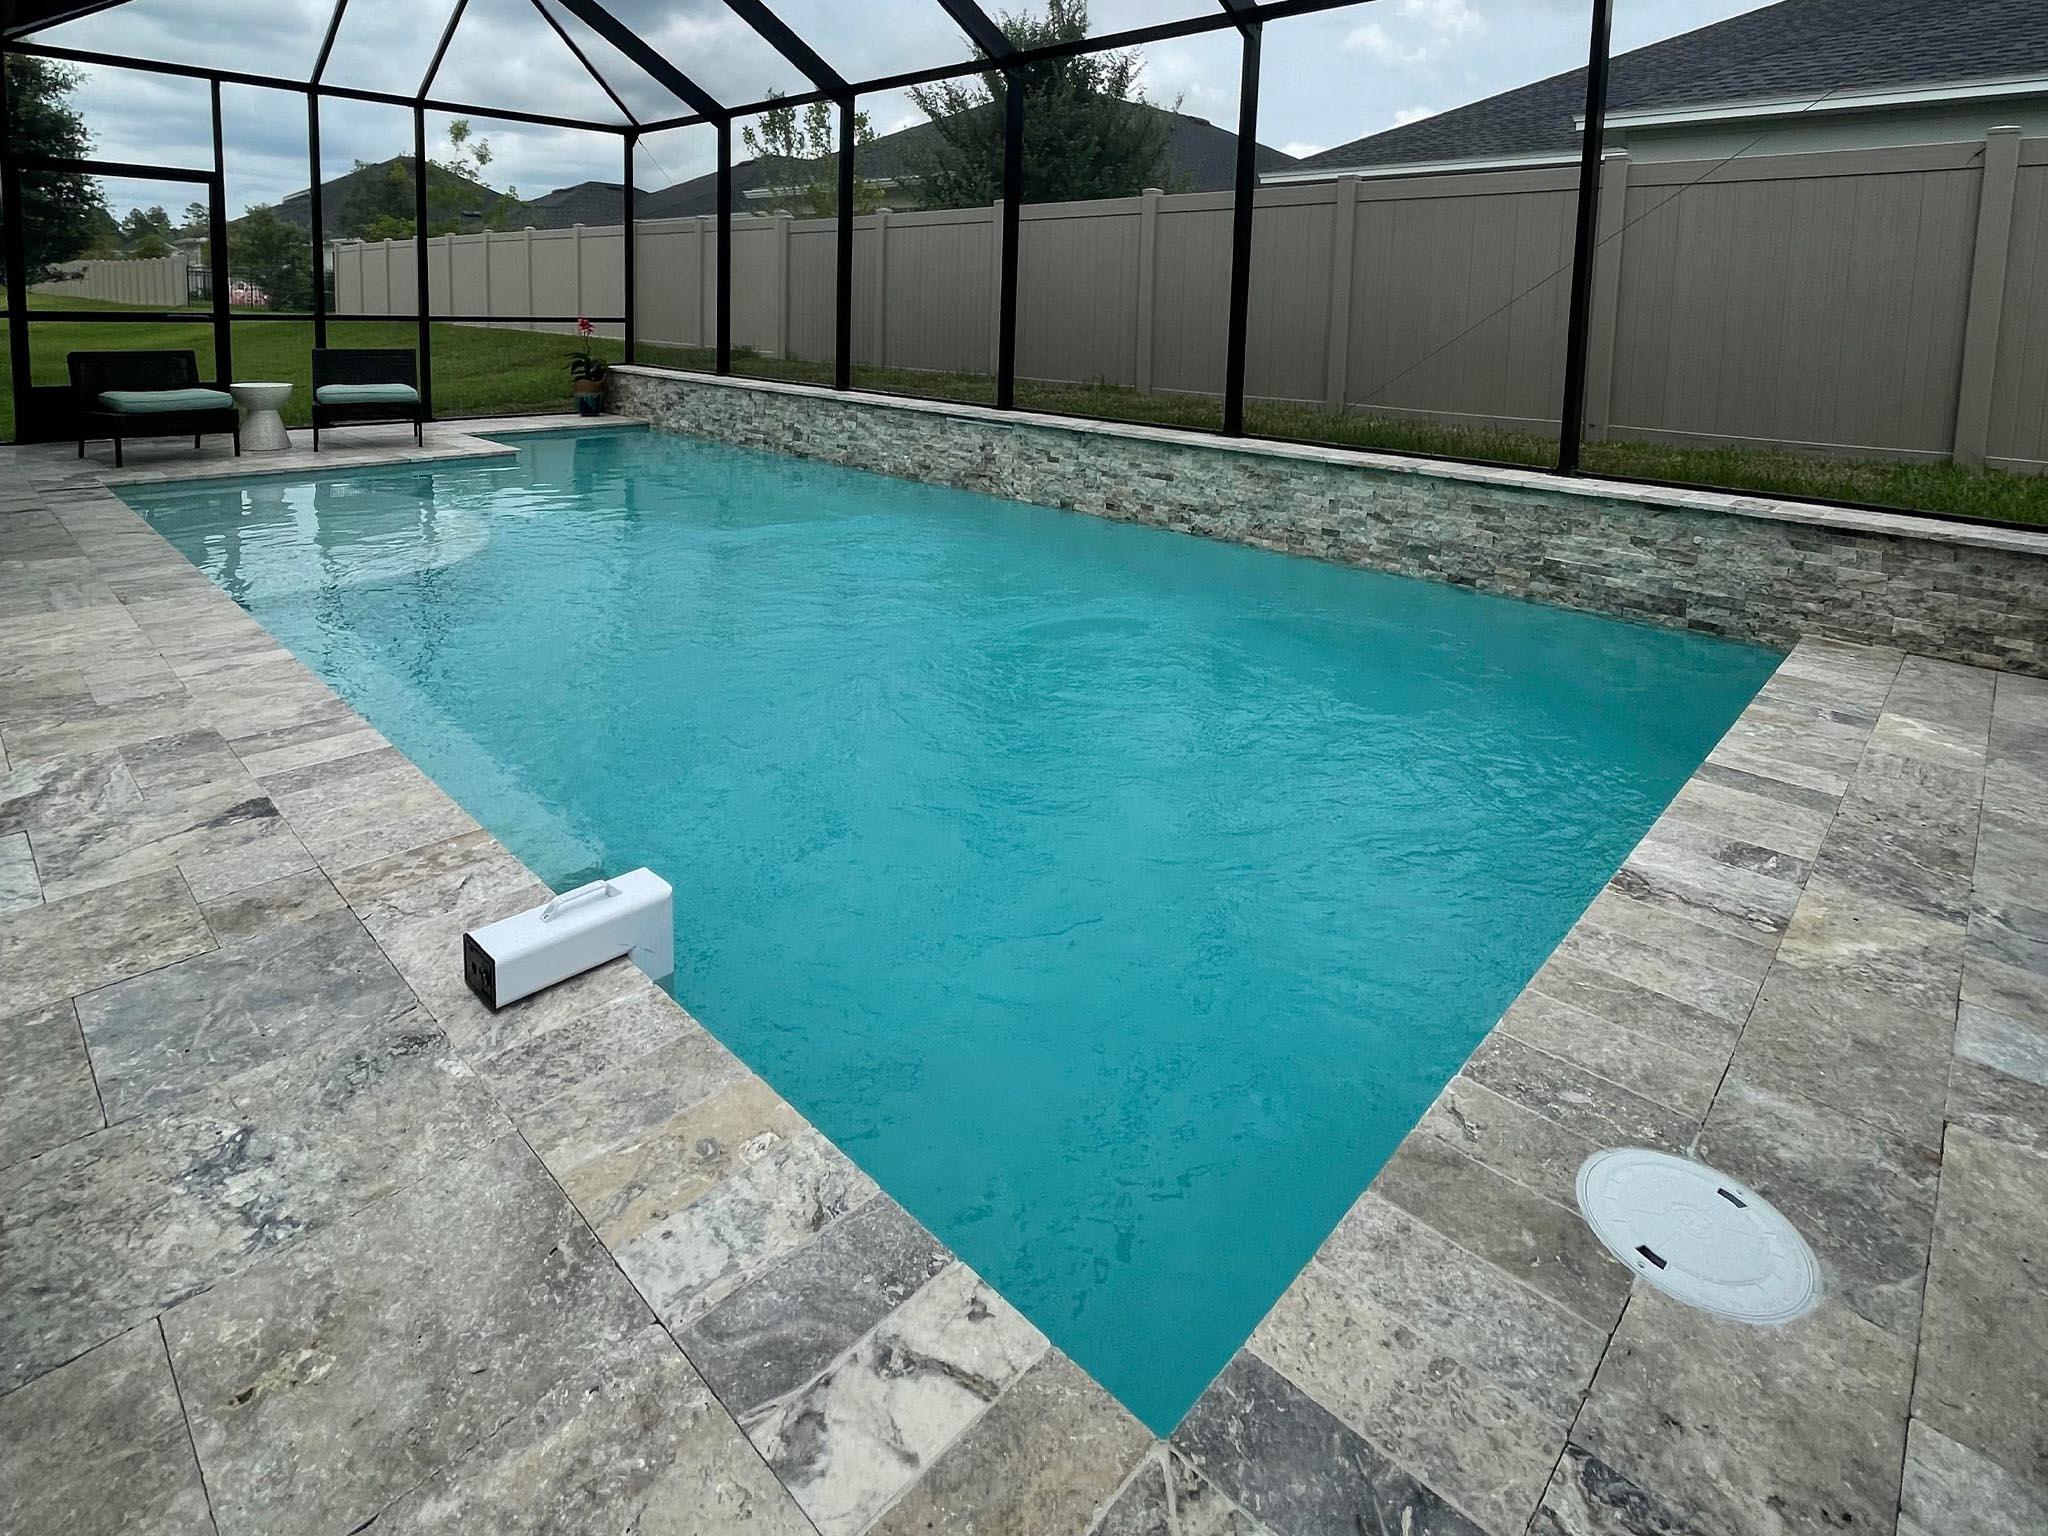 Grey Tile Inground Pool Screen Enclosure Sun Shelf